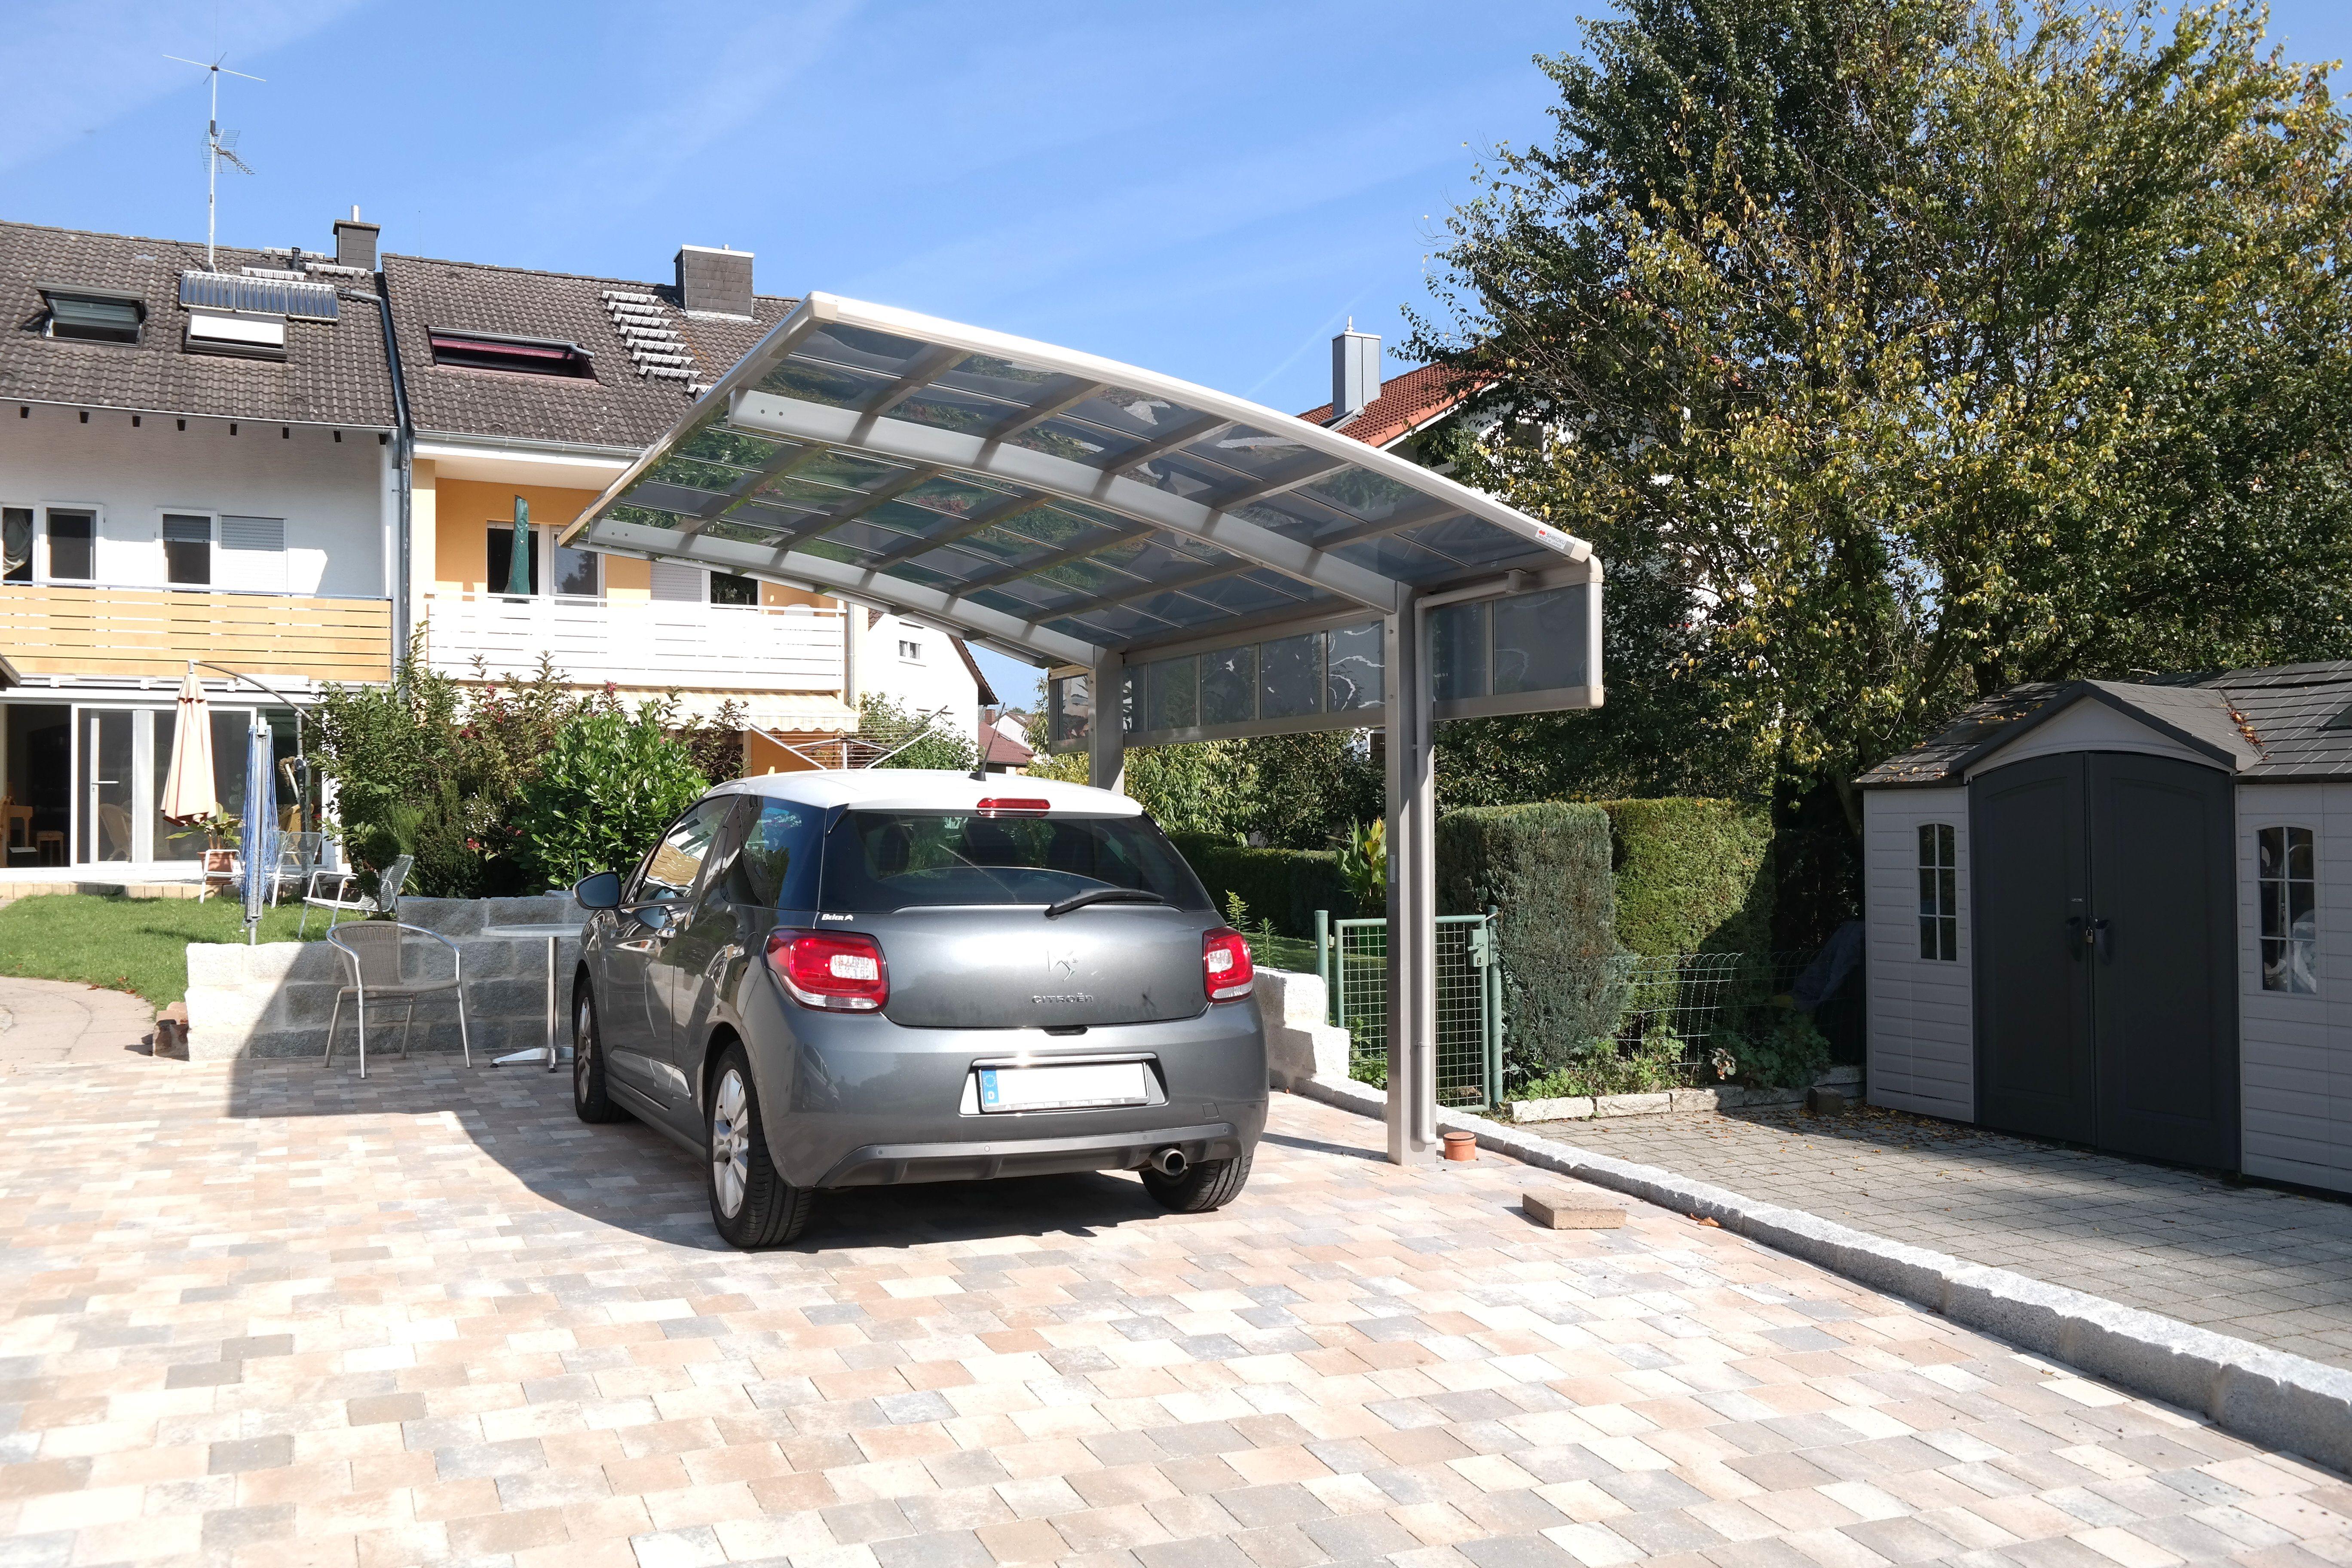 Fotos von carports aus aluminium - Carport foto ...